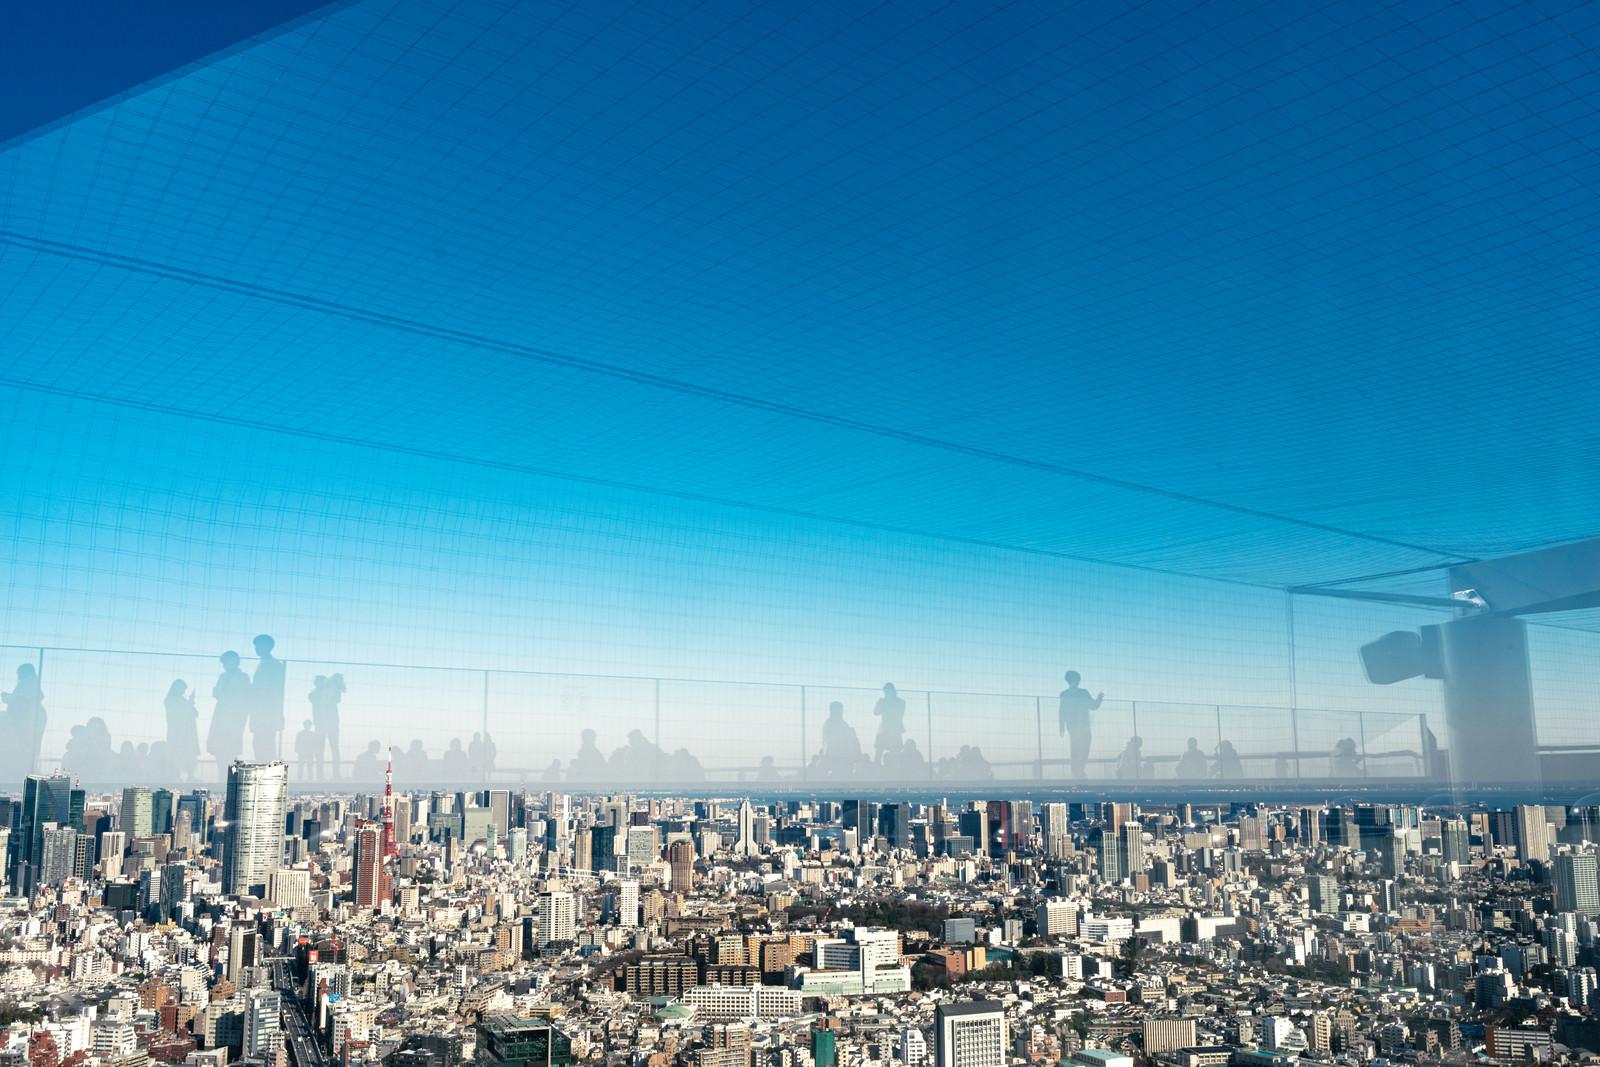 「展望施設「渋谷スカイ」から東京タワー方面の眺めと反射するフロア」の写真